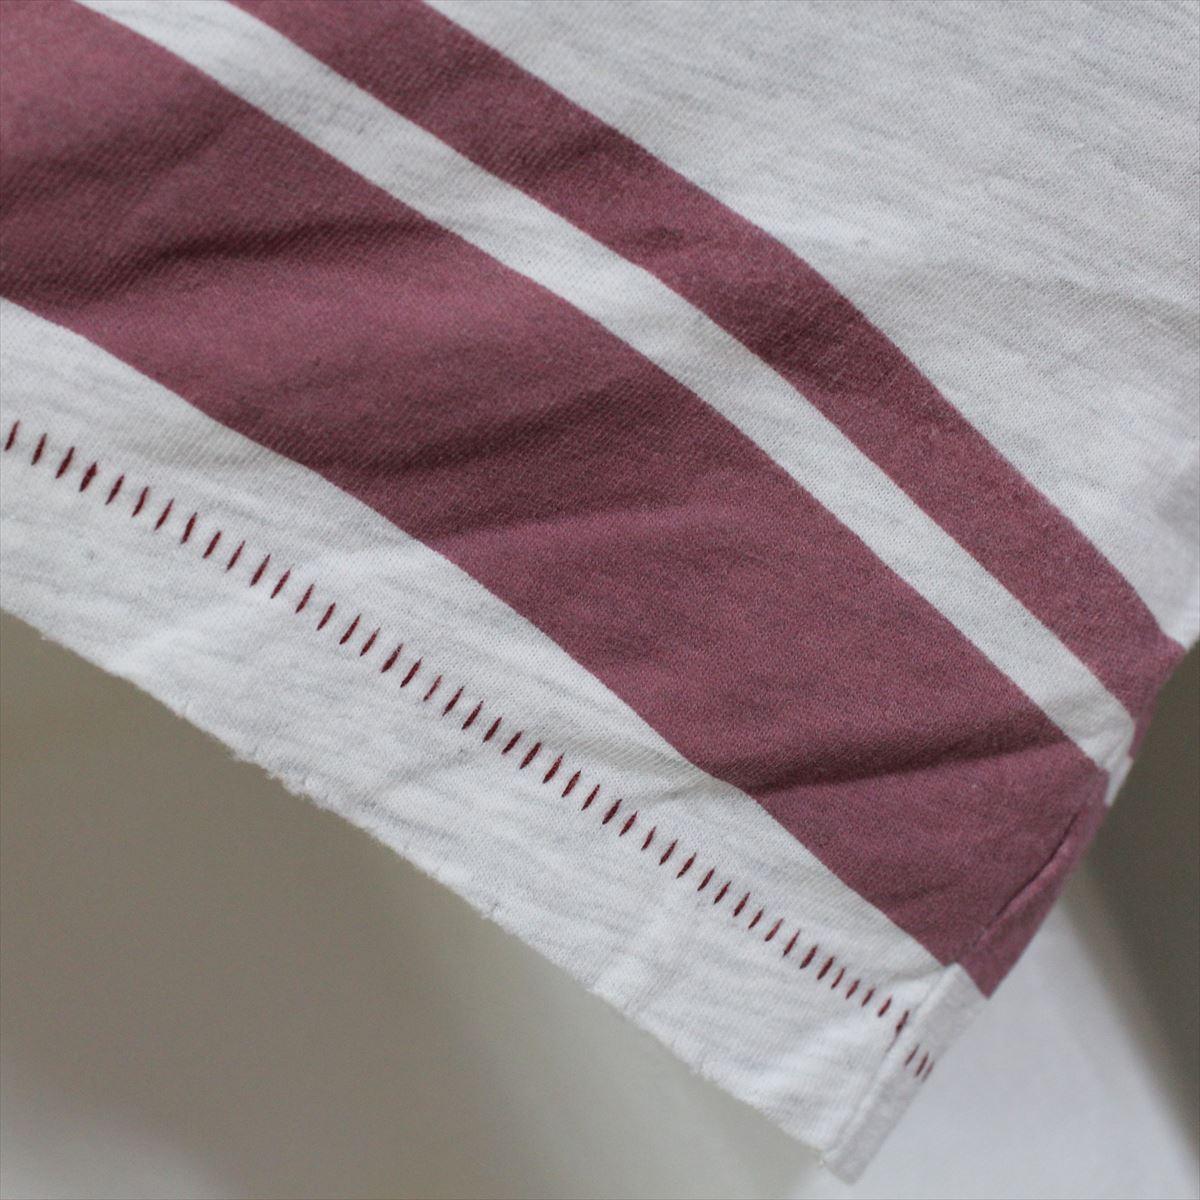 エドハーディー ED HARDY メンズ半袖Tシャツ ヘザーグレー Mサイズ NO15 新品_画像5